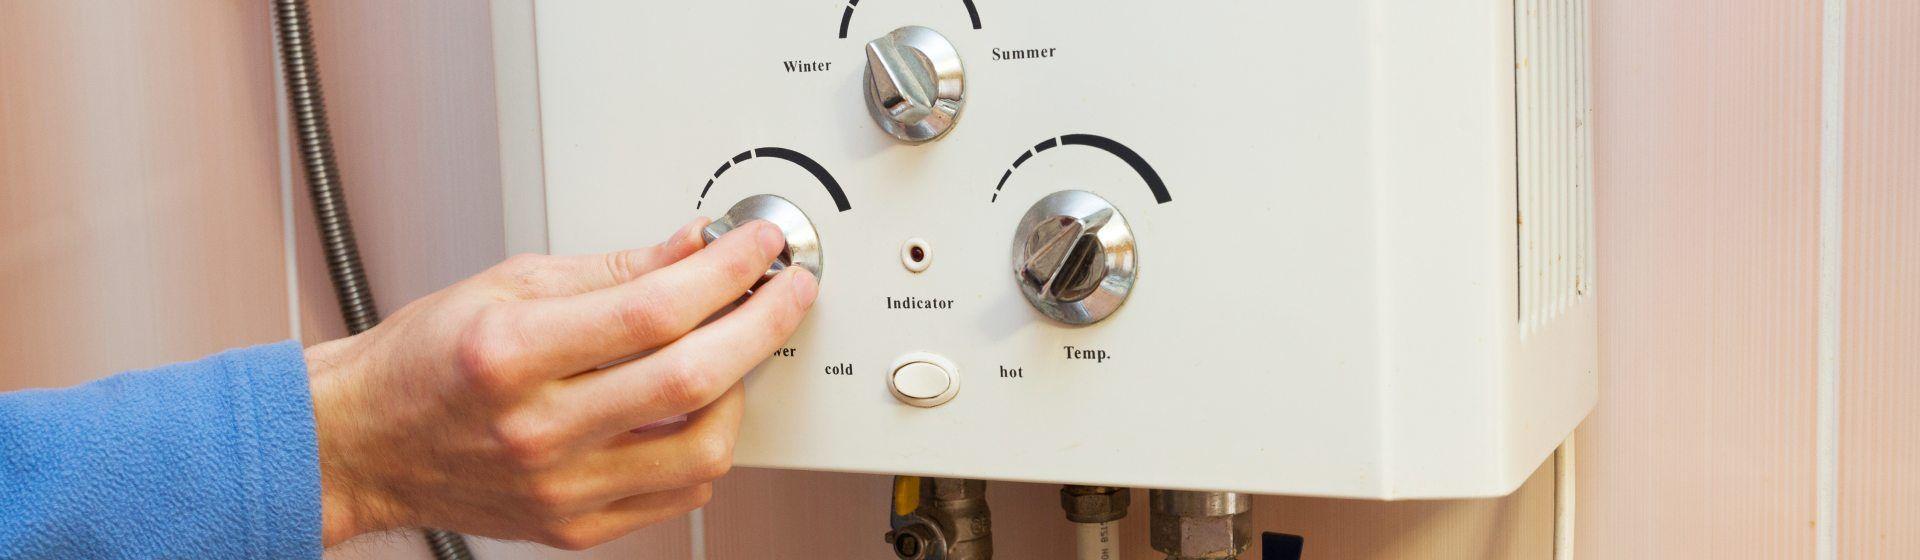 Os melhores aquecedores a gás em 2021